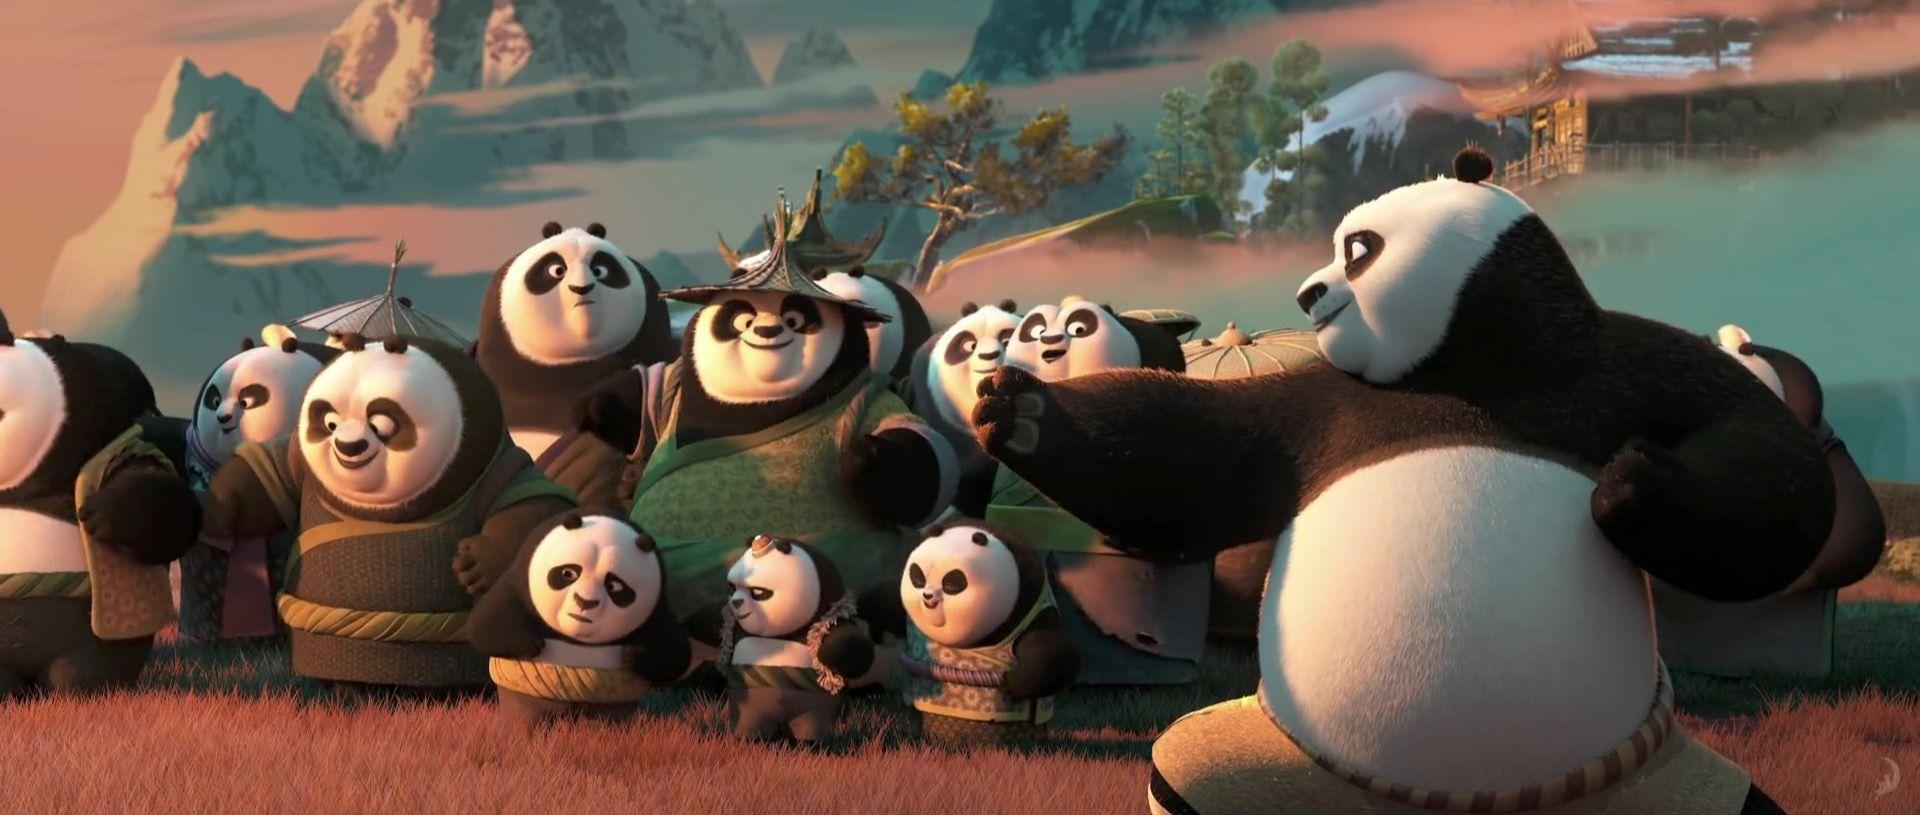 Pin By Hwa Chin Hsu On 2d Scenery Pinterest Kung Fu Panda Panda